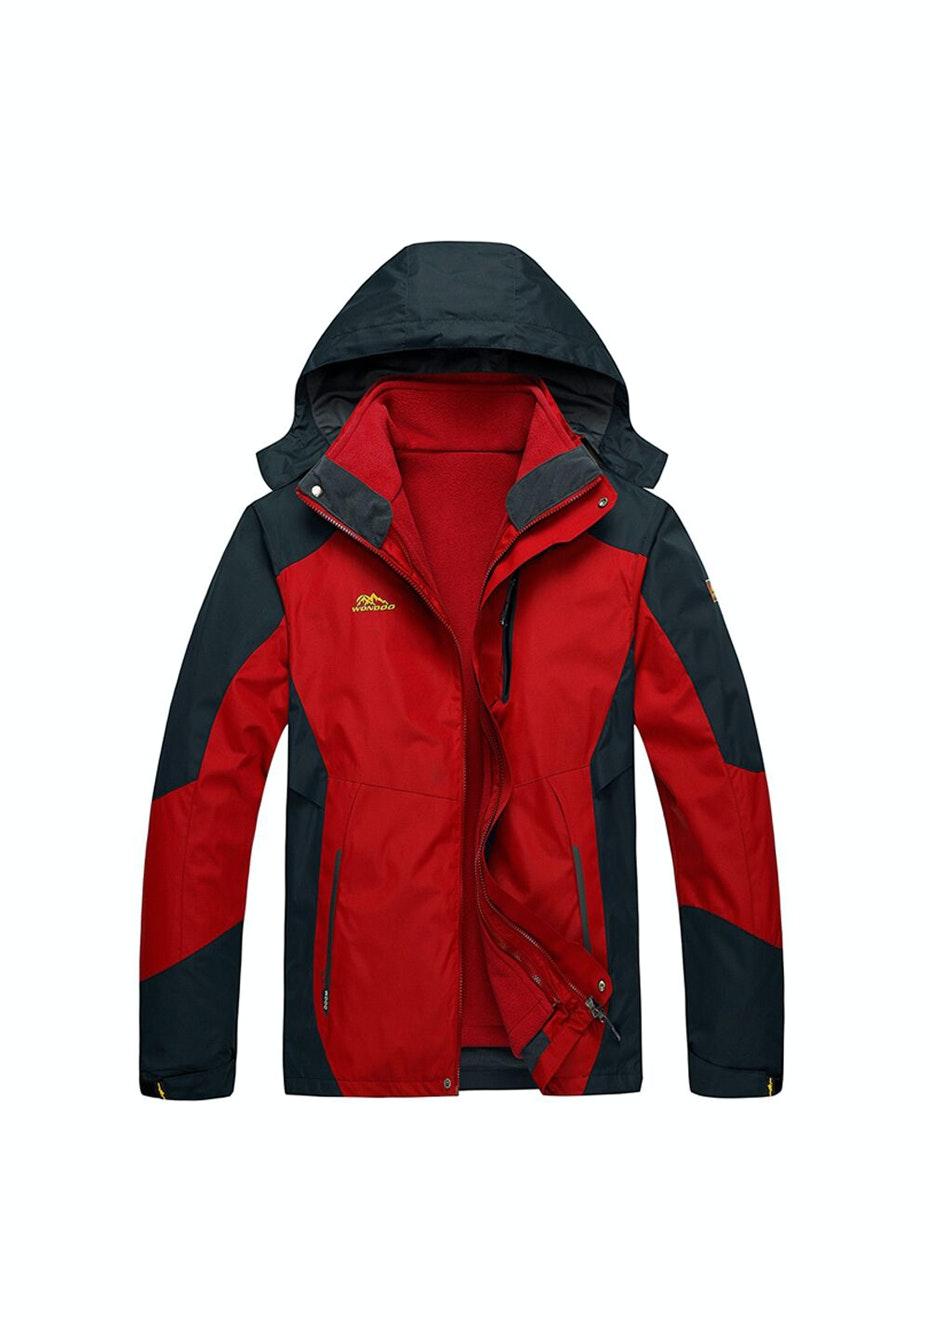 Men 2-in-1 WaterProof Jackets - Red